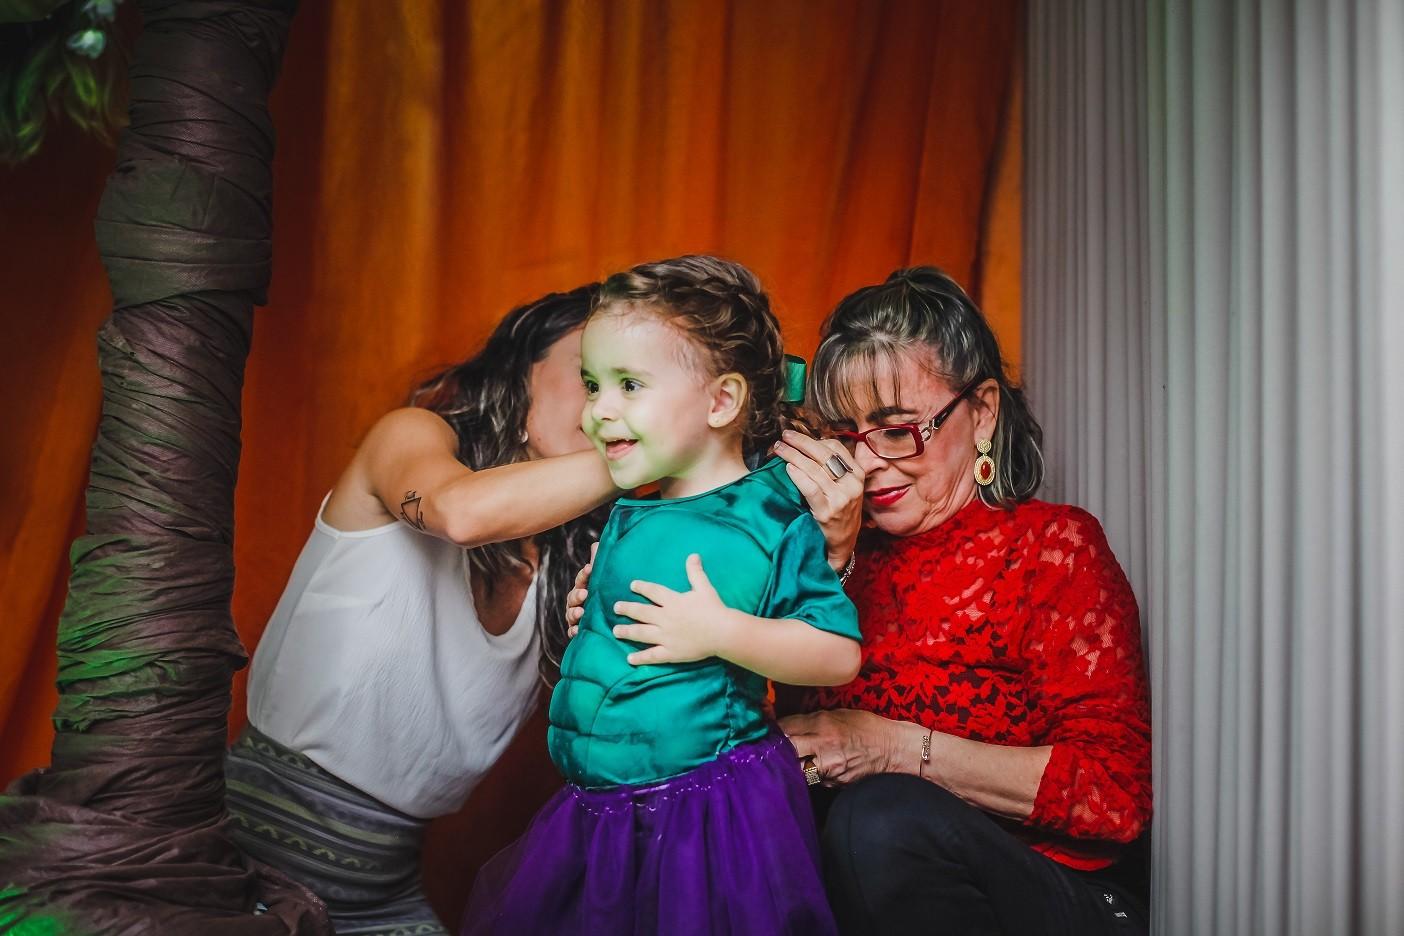 Júlia colocando a fantasia (Foto: Arquivo pessoal)